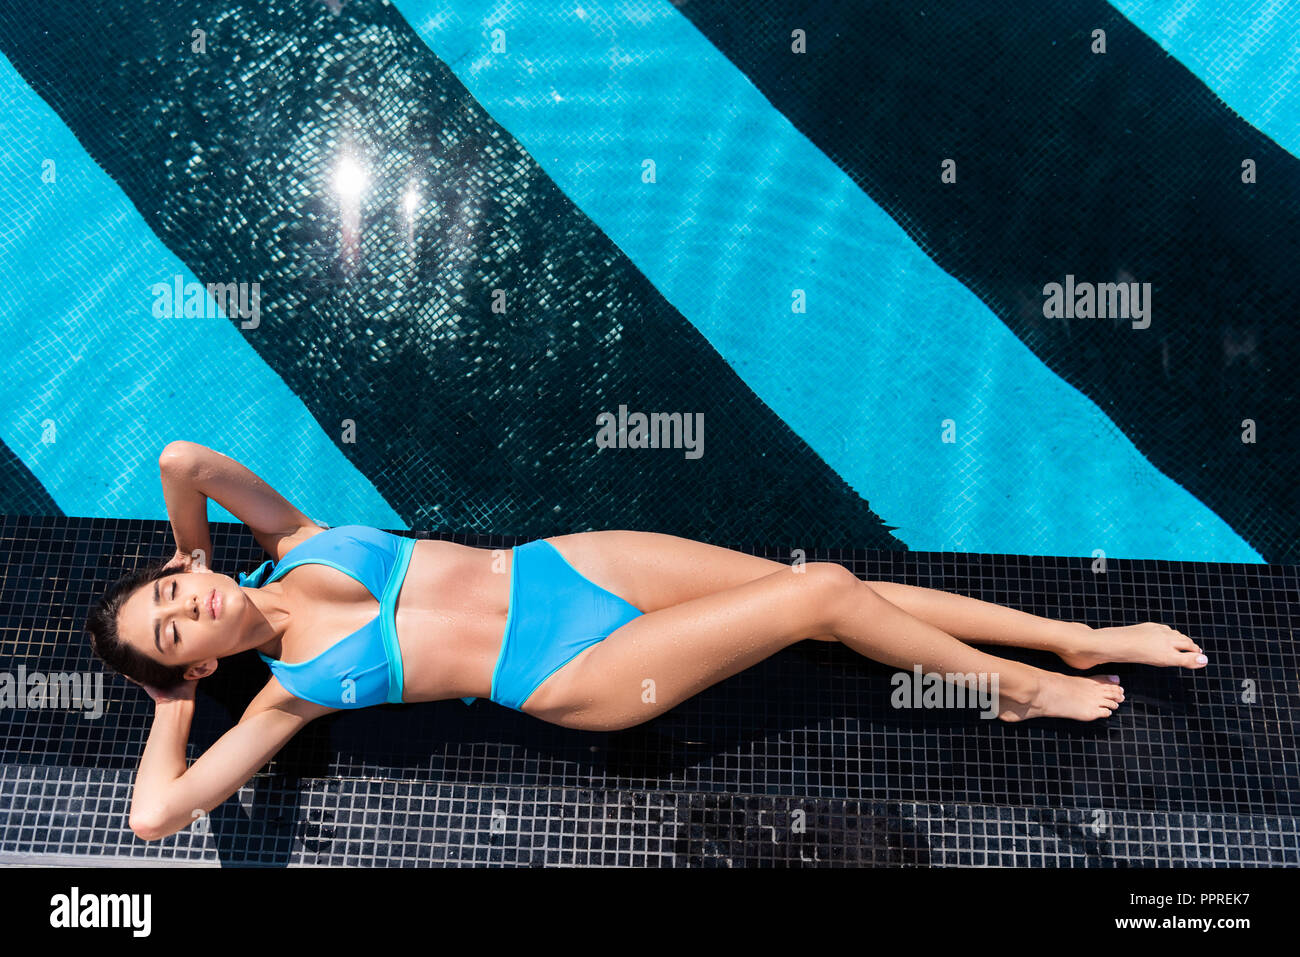 Vista superiore della ragazza in bikini blu a prendere il sole a bordo piscina Immagini Stock